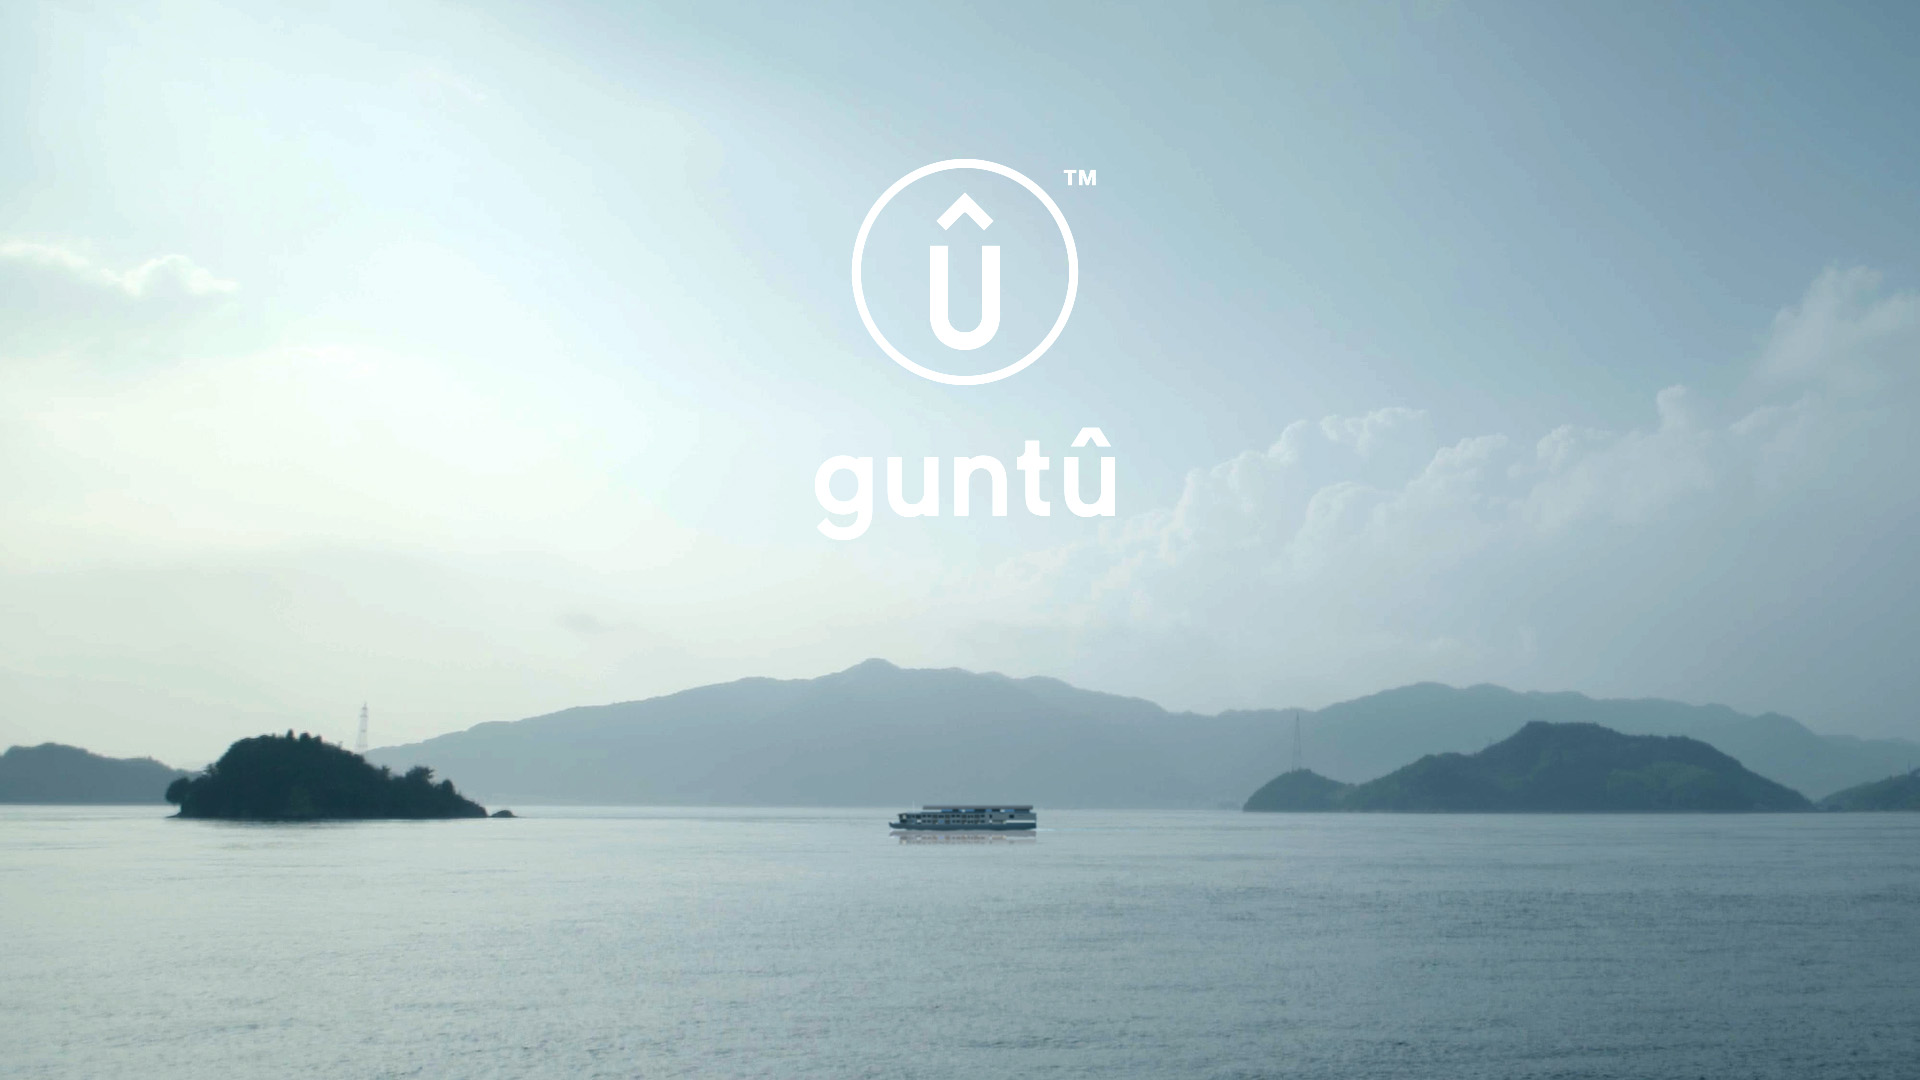 新造船guntû(ガンツウ)イメージ